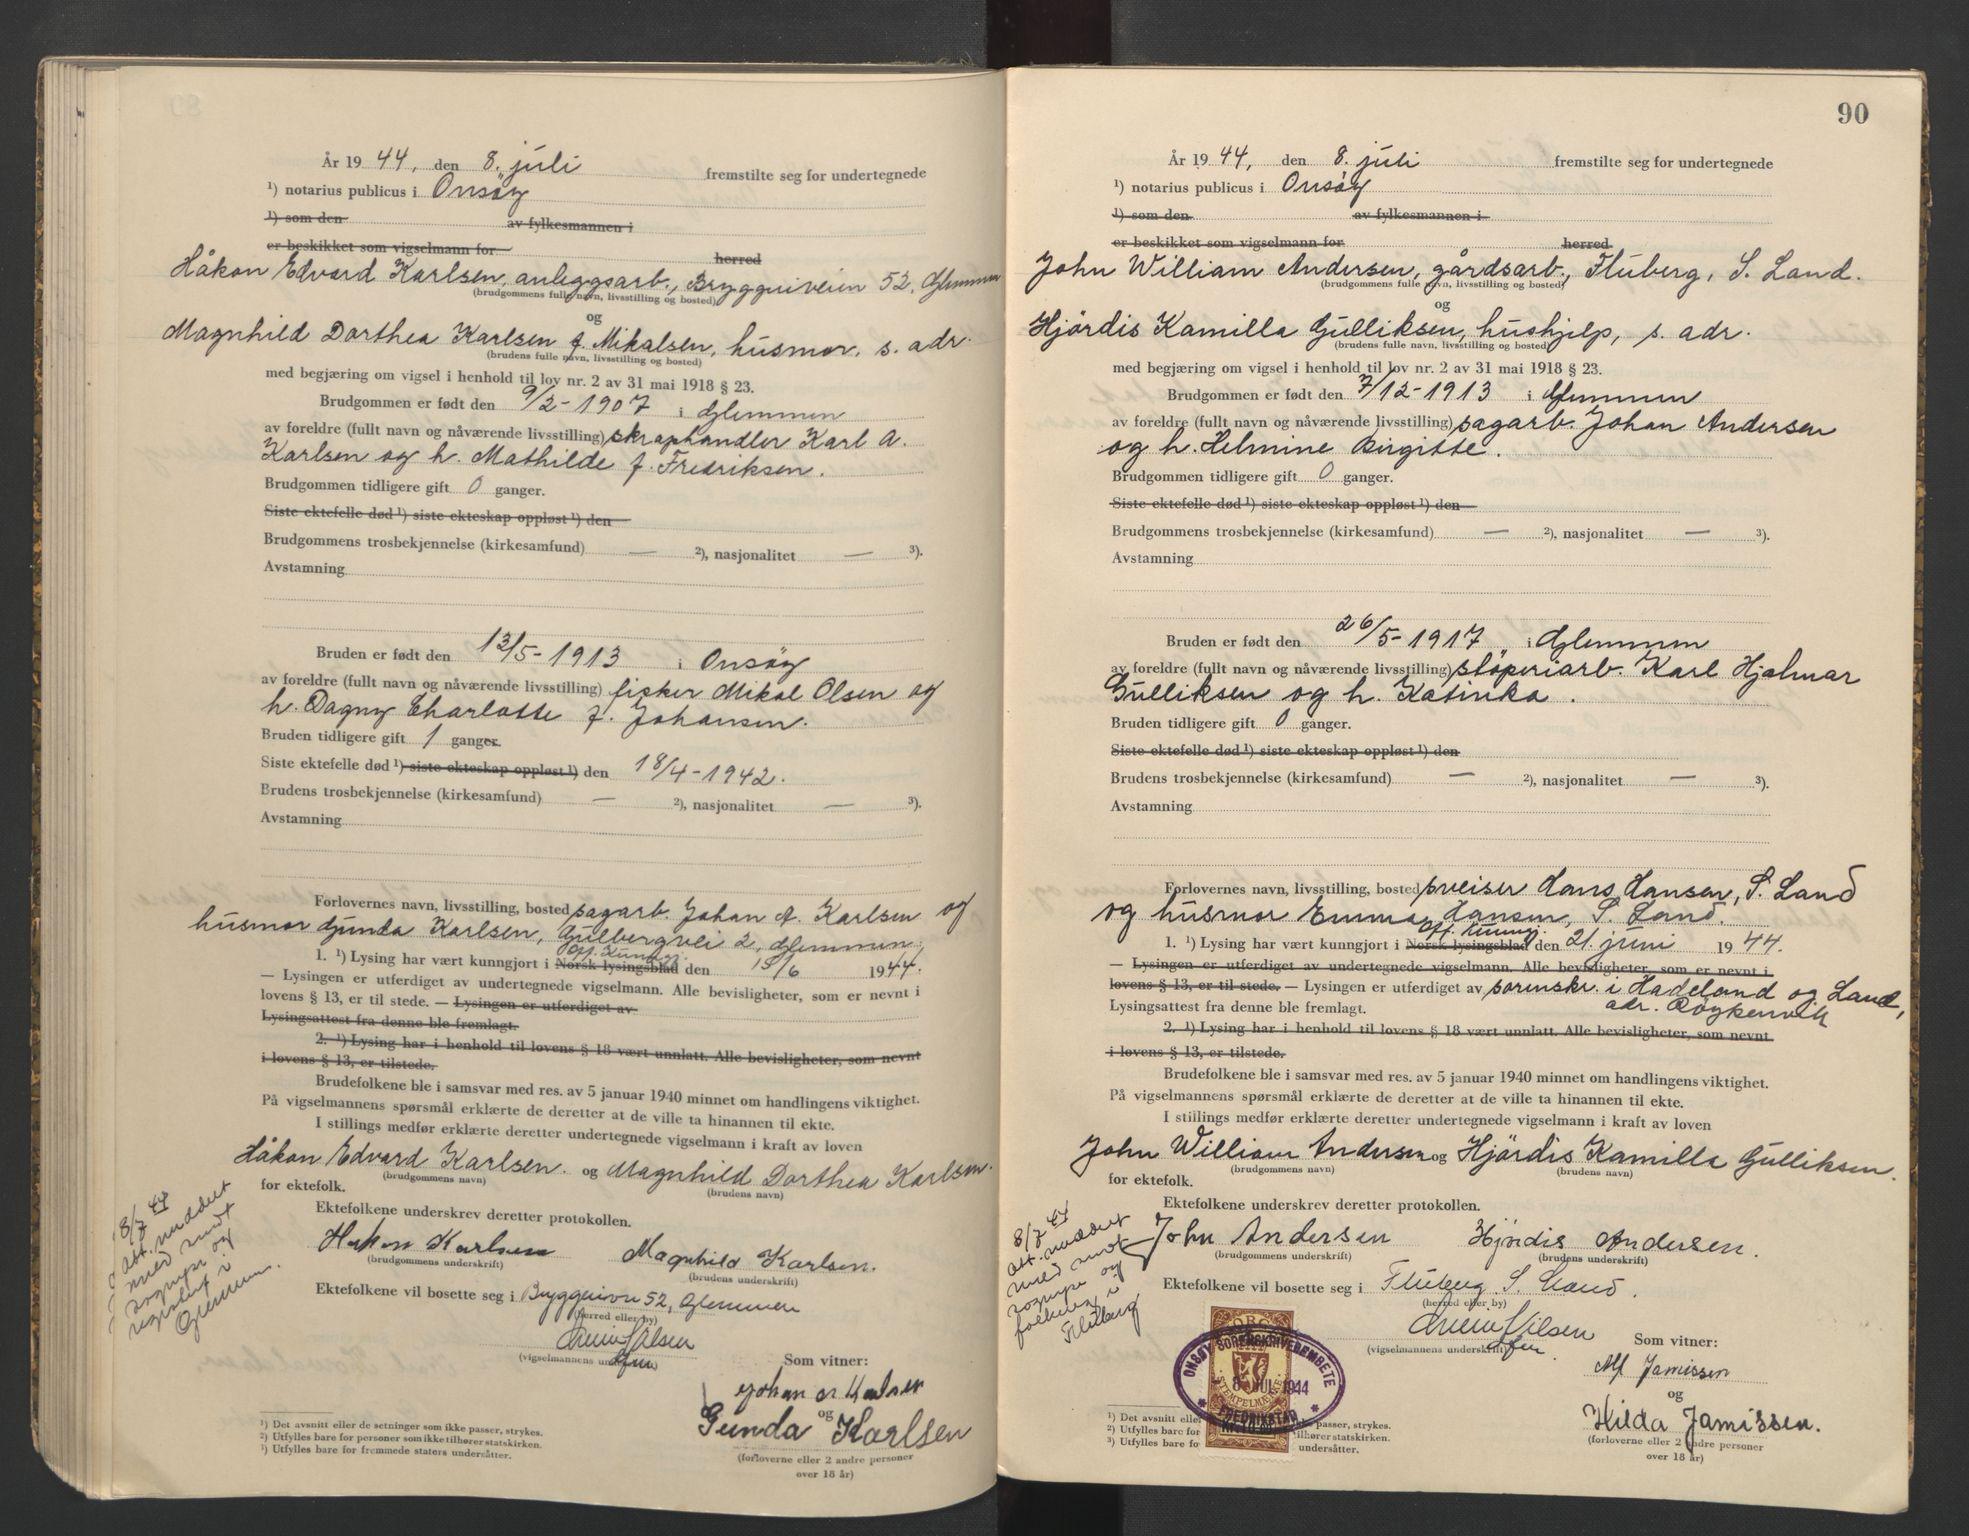 SAO, Onsøy sorenskriveri, L/La/L0004: Vigselsbok, 1943-1944, s. 90